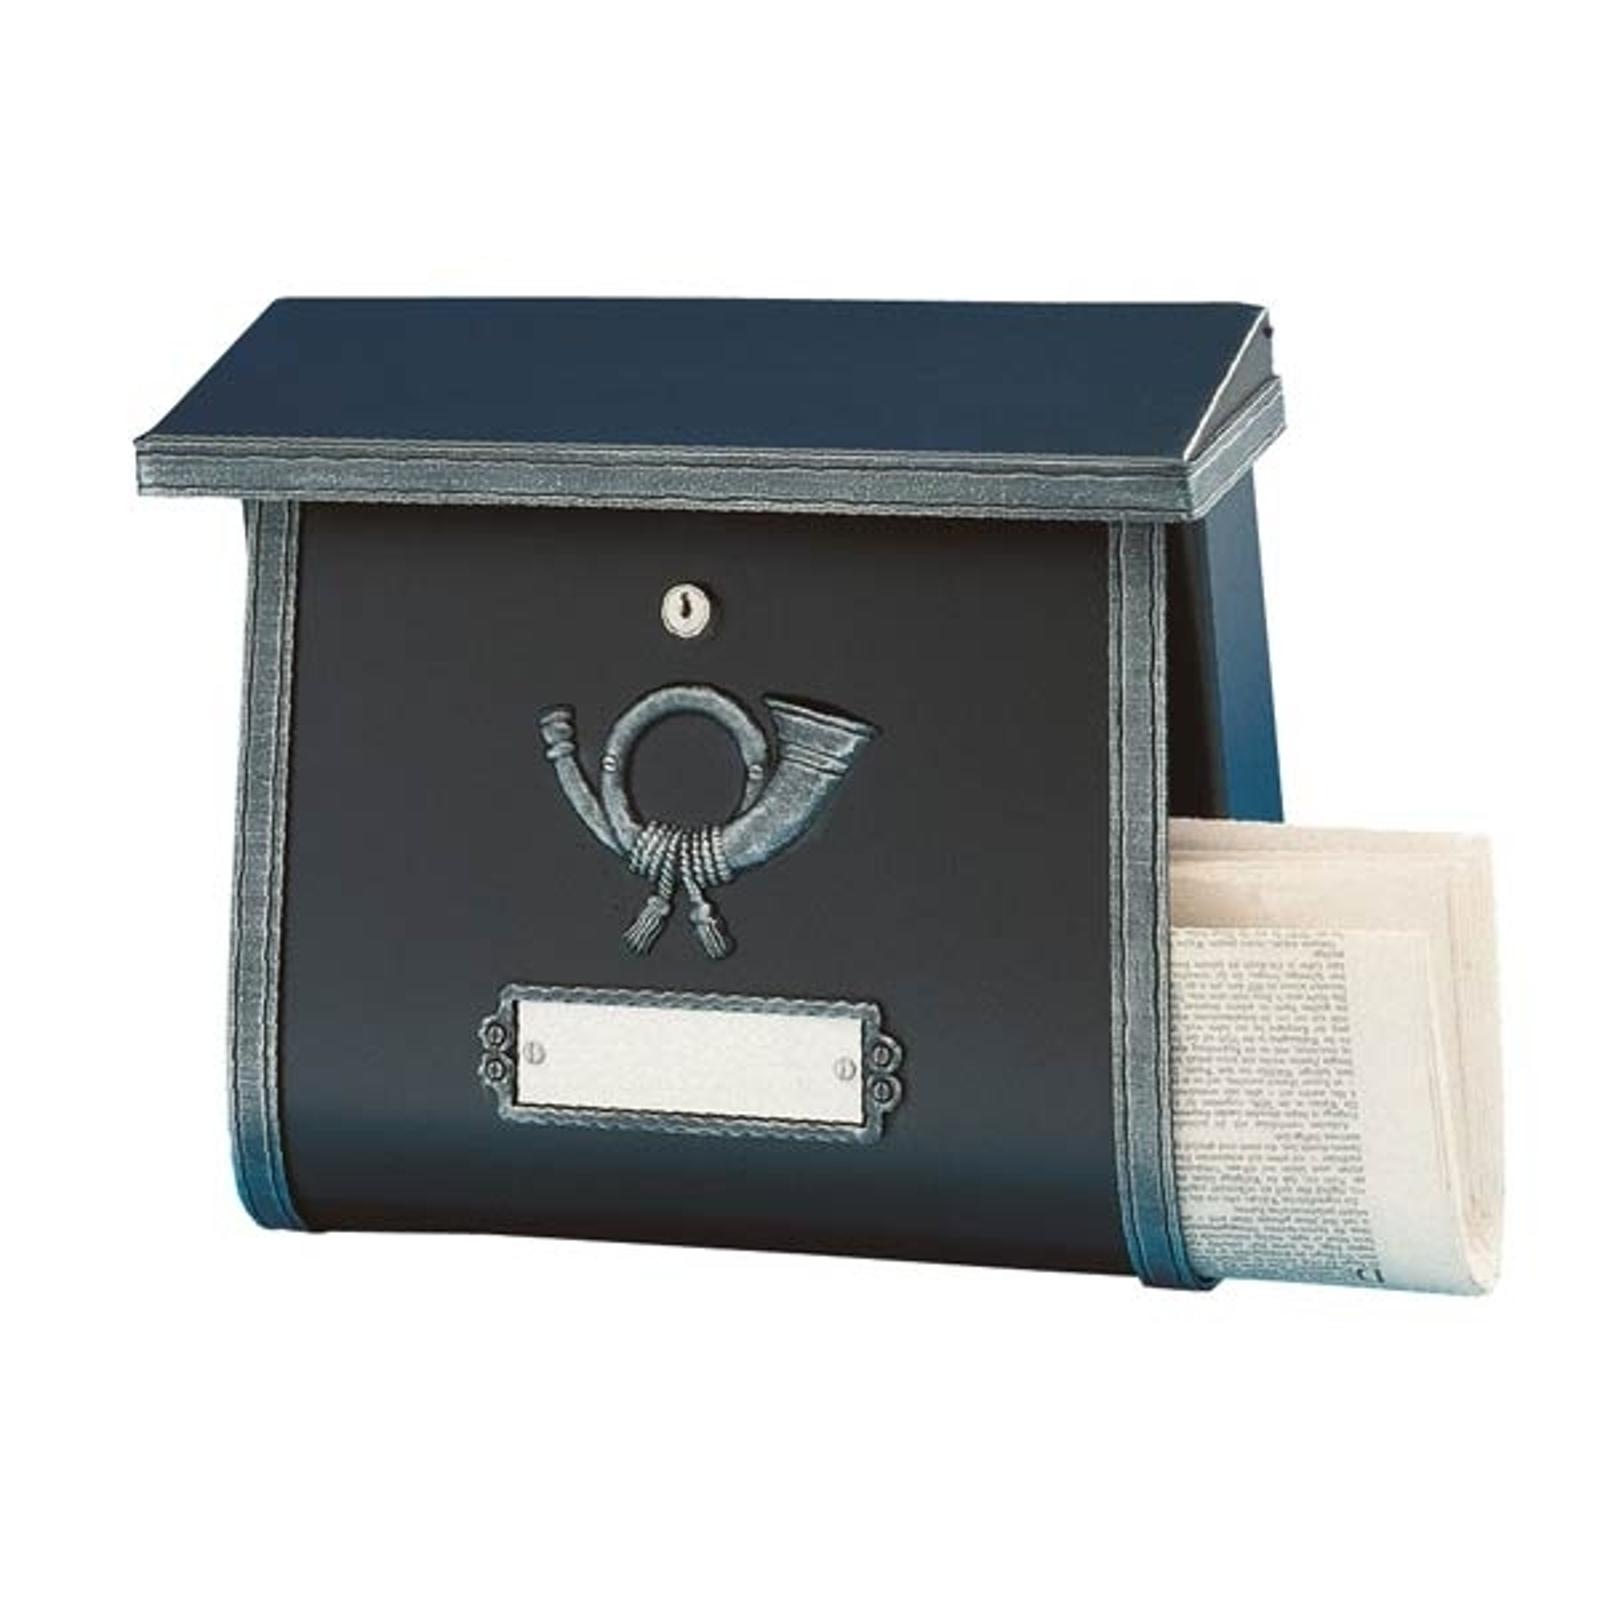 Rustik MULPI postkasse i antik sort